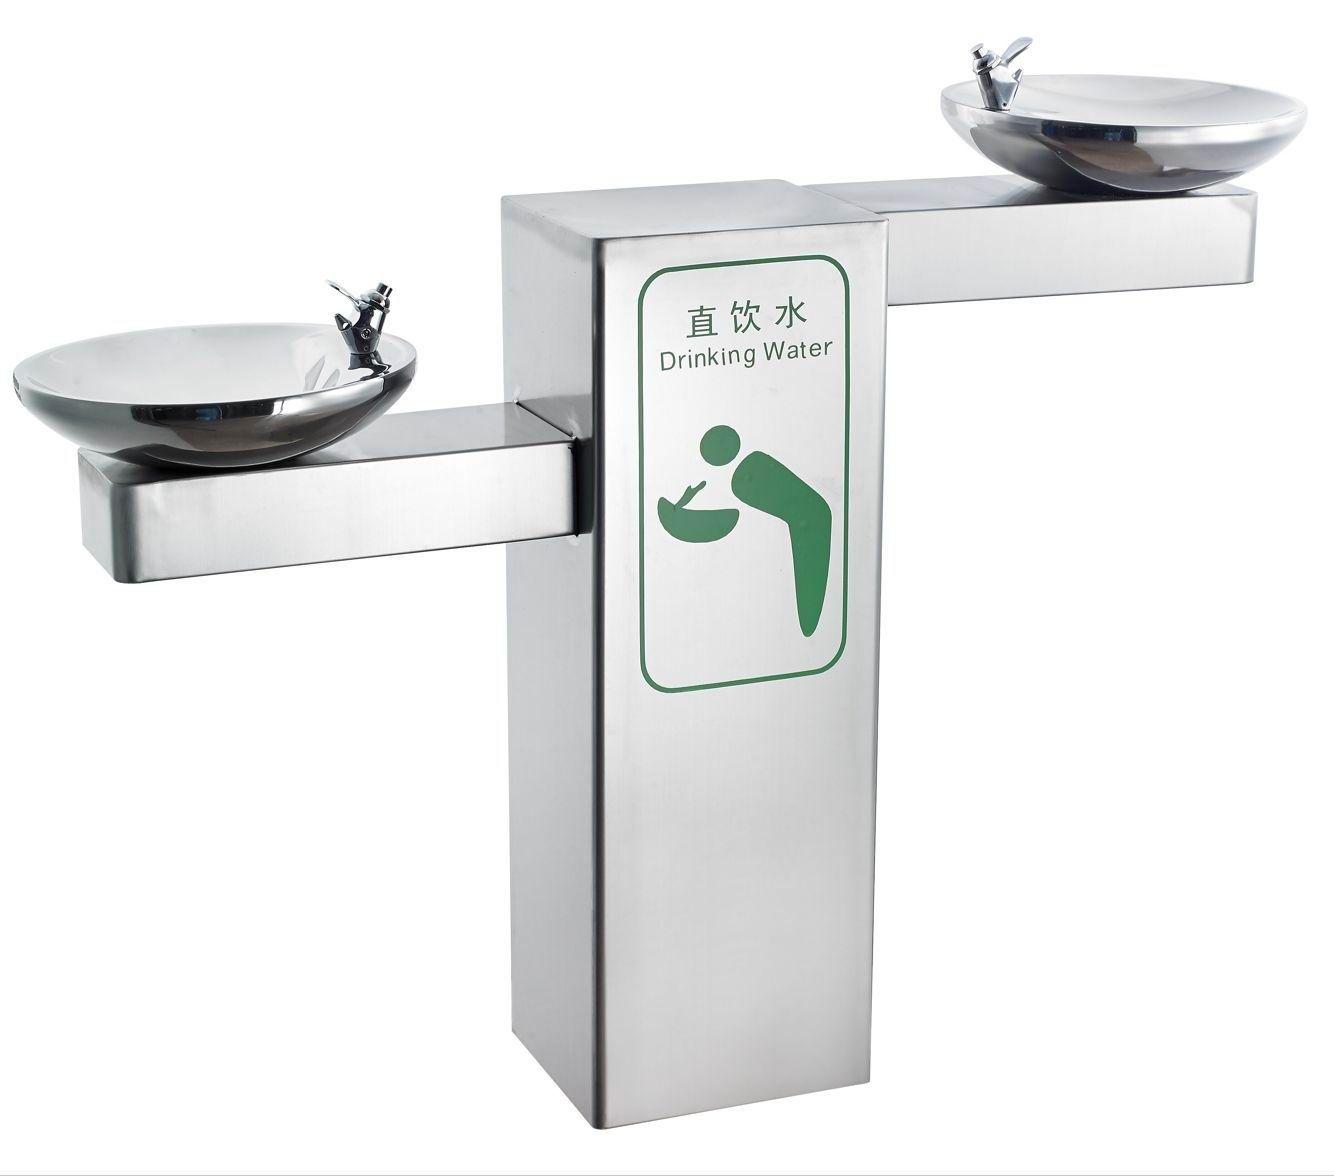 两盘景区公共饮水台